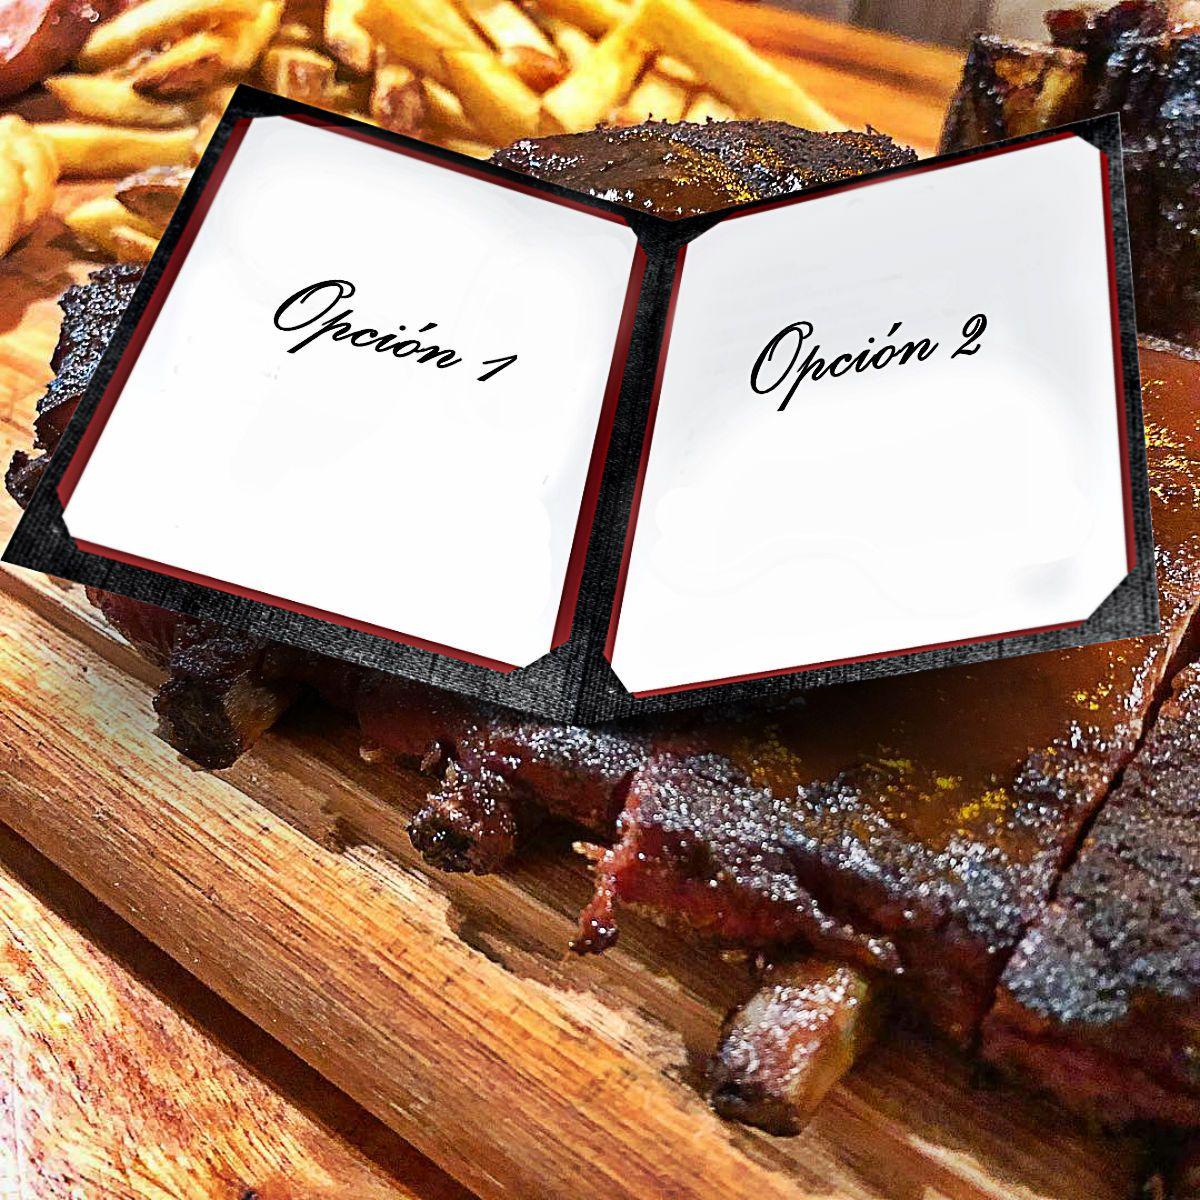 Poco pero bueno: los restaurantes redujeron sus cartas para mantenerse abiertos